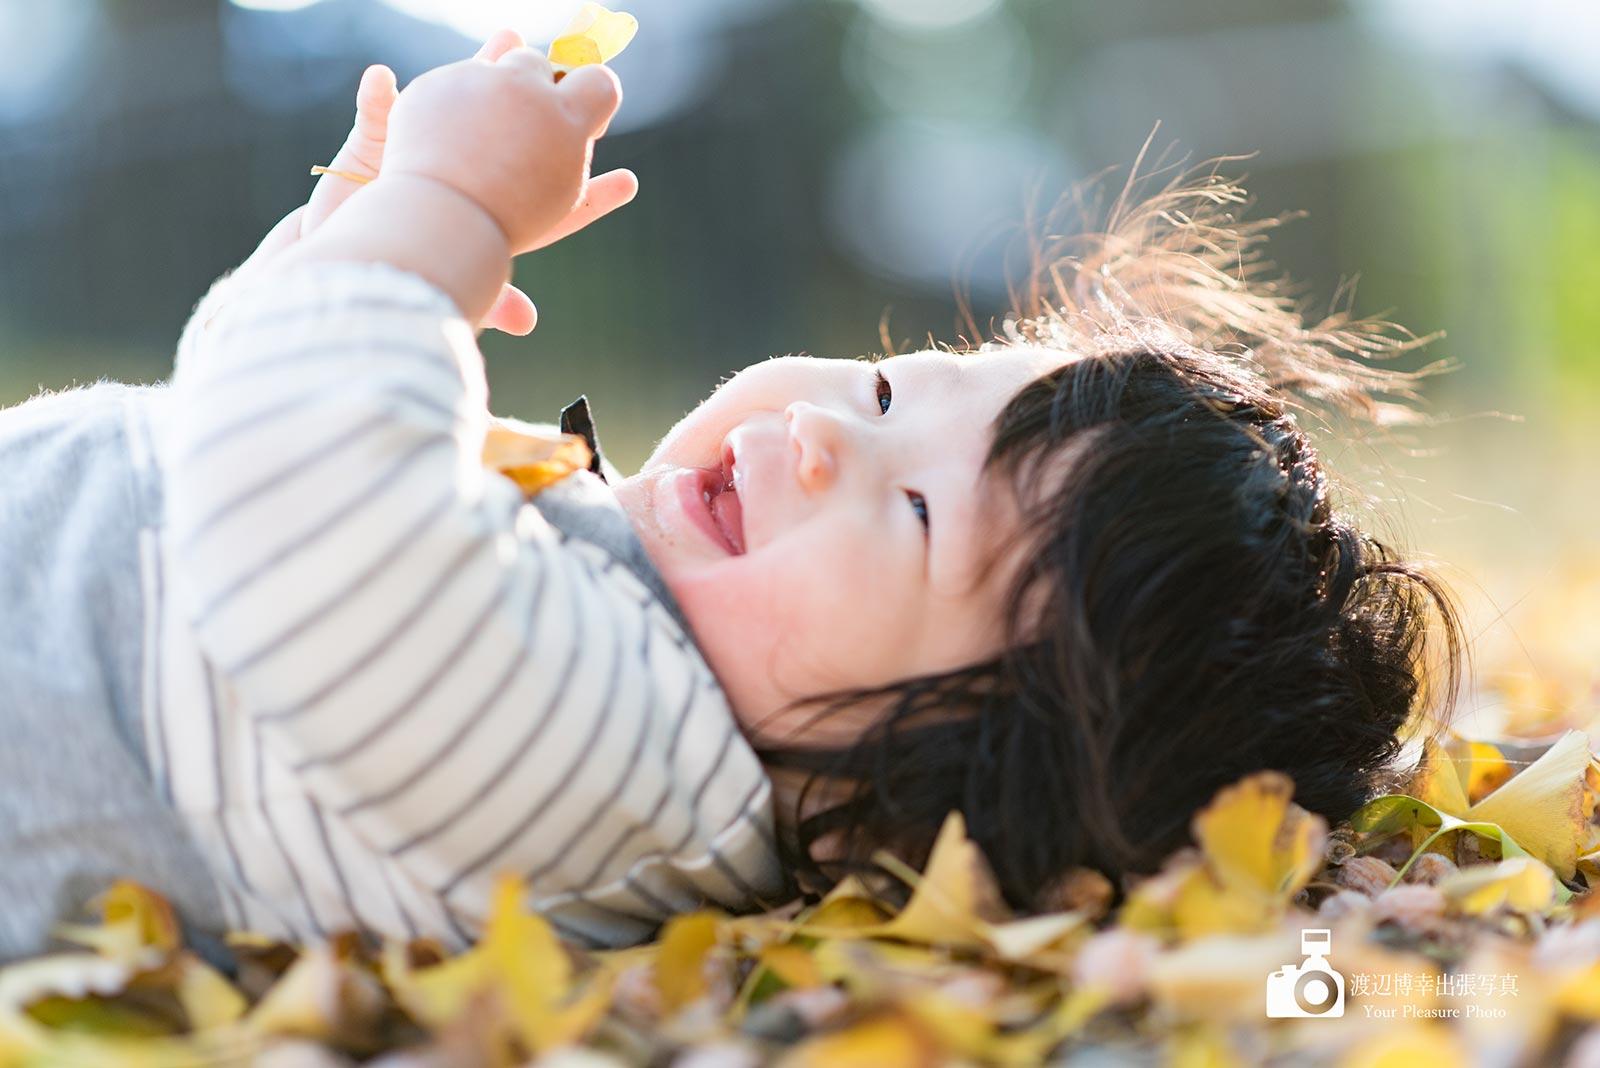 笑っているイチョウの上の赤ちゃん